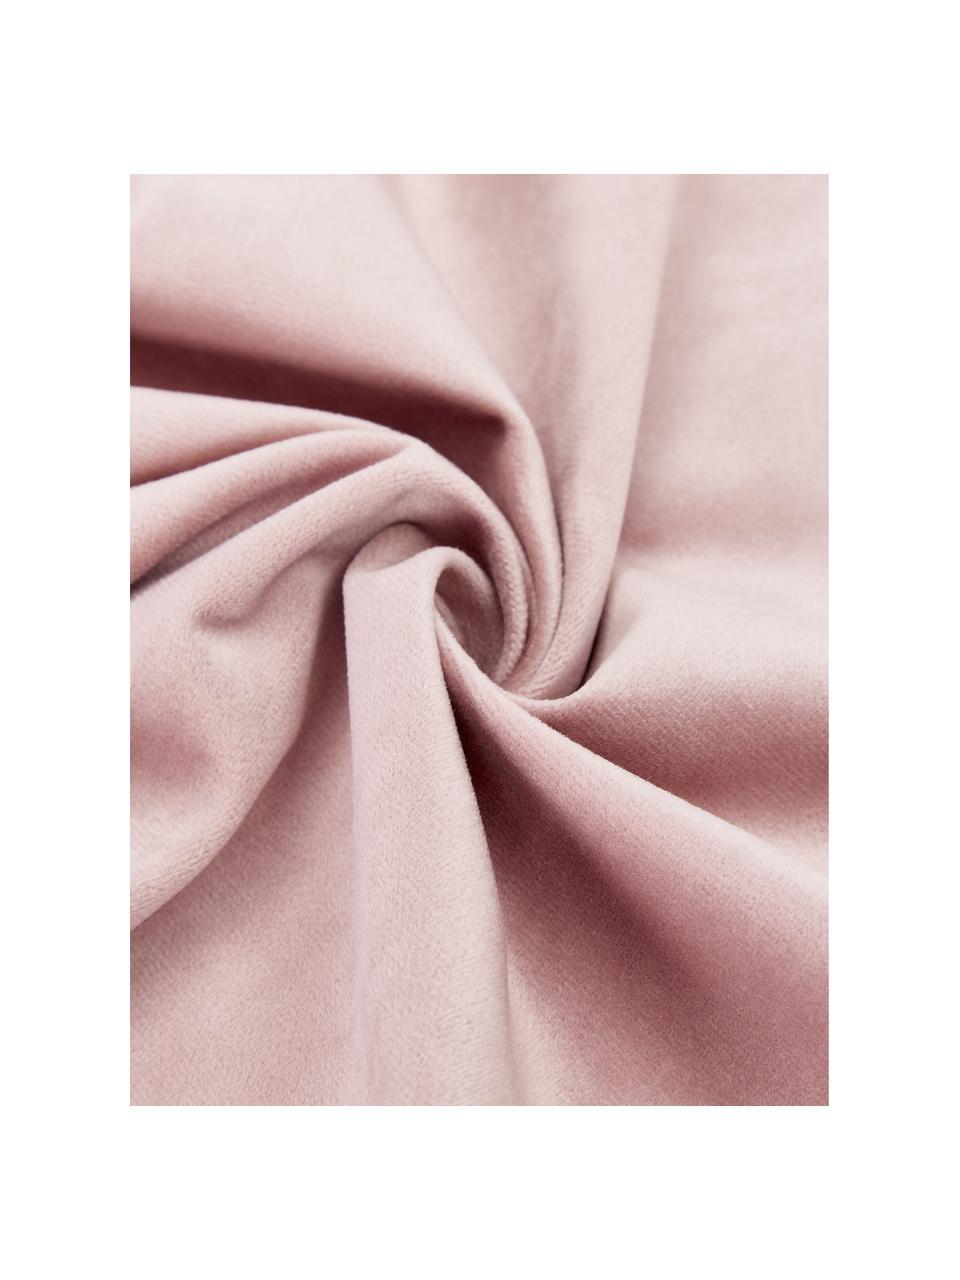 Poszewka na poduszkę z aksamitu Lucie, 100% aksamit (poliester) Należy pamiętać, że aksamit może wydawać się jaśniejszy lub ciemniejszy w zależności od kata padania światła, Brudny różowy, S 45 x D 45 cm